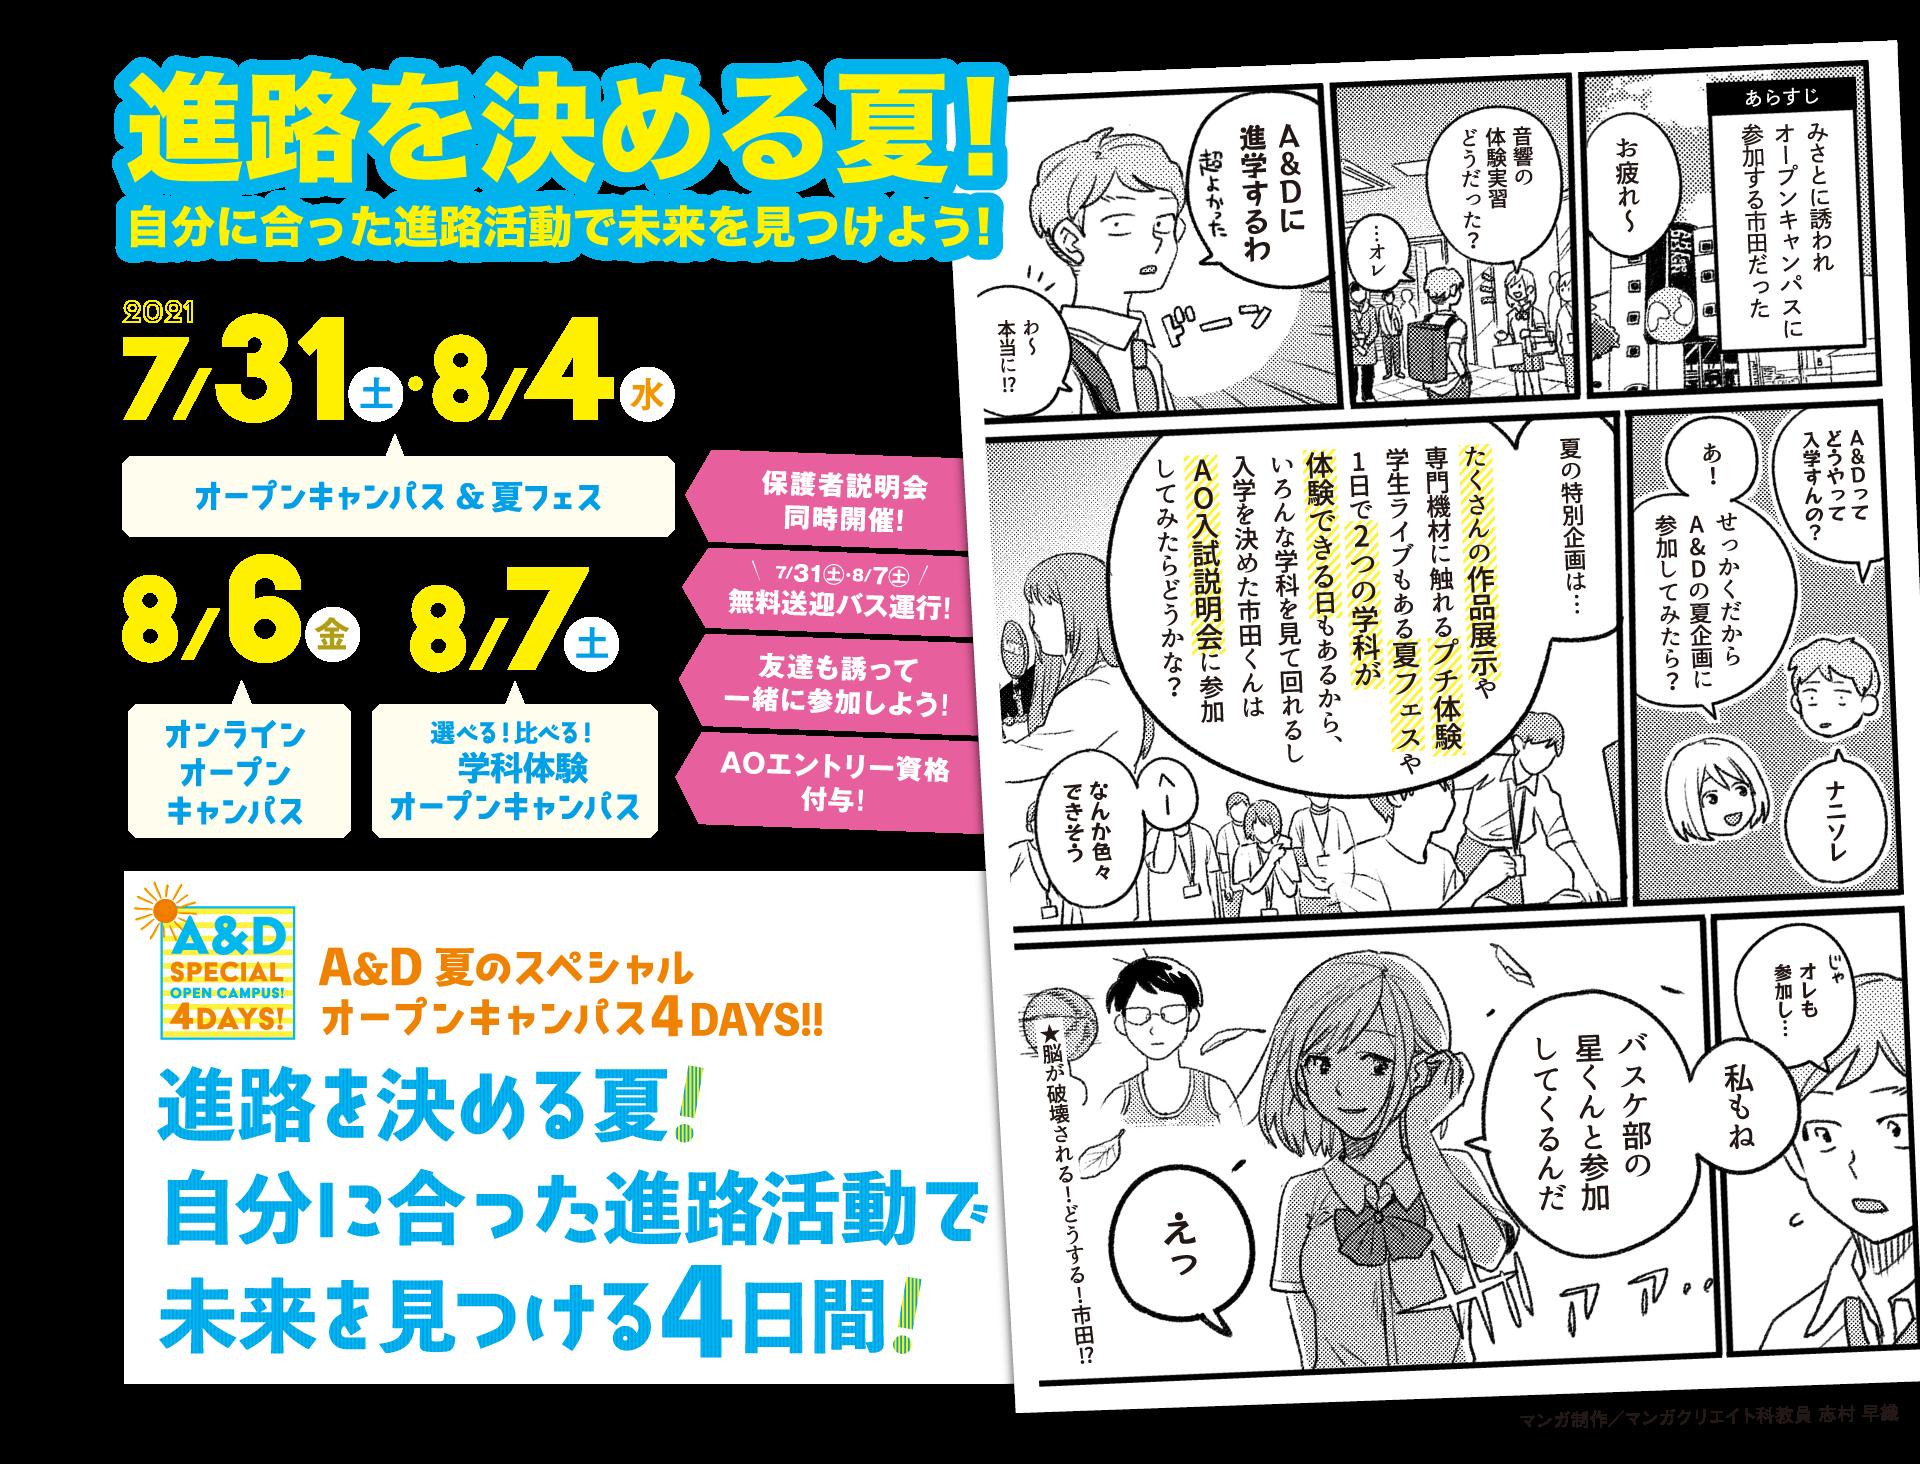 進路を決める夏!7/31(土)・8/4(水)・8/6(金)・8/7(土)